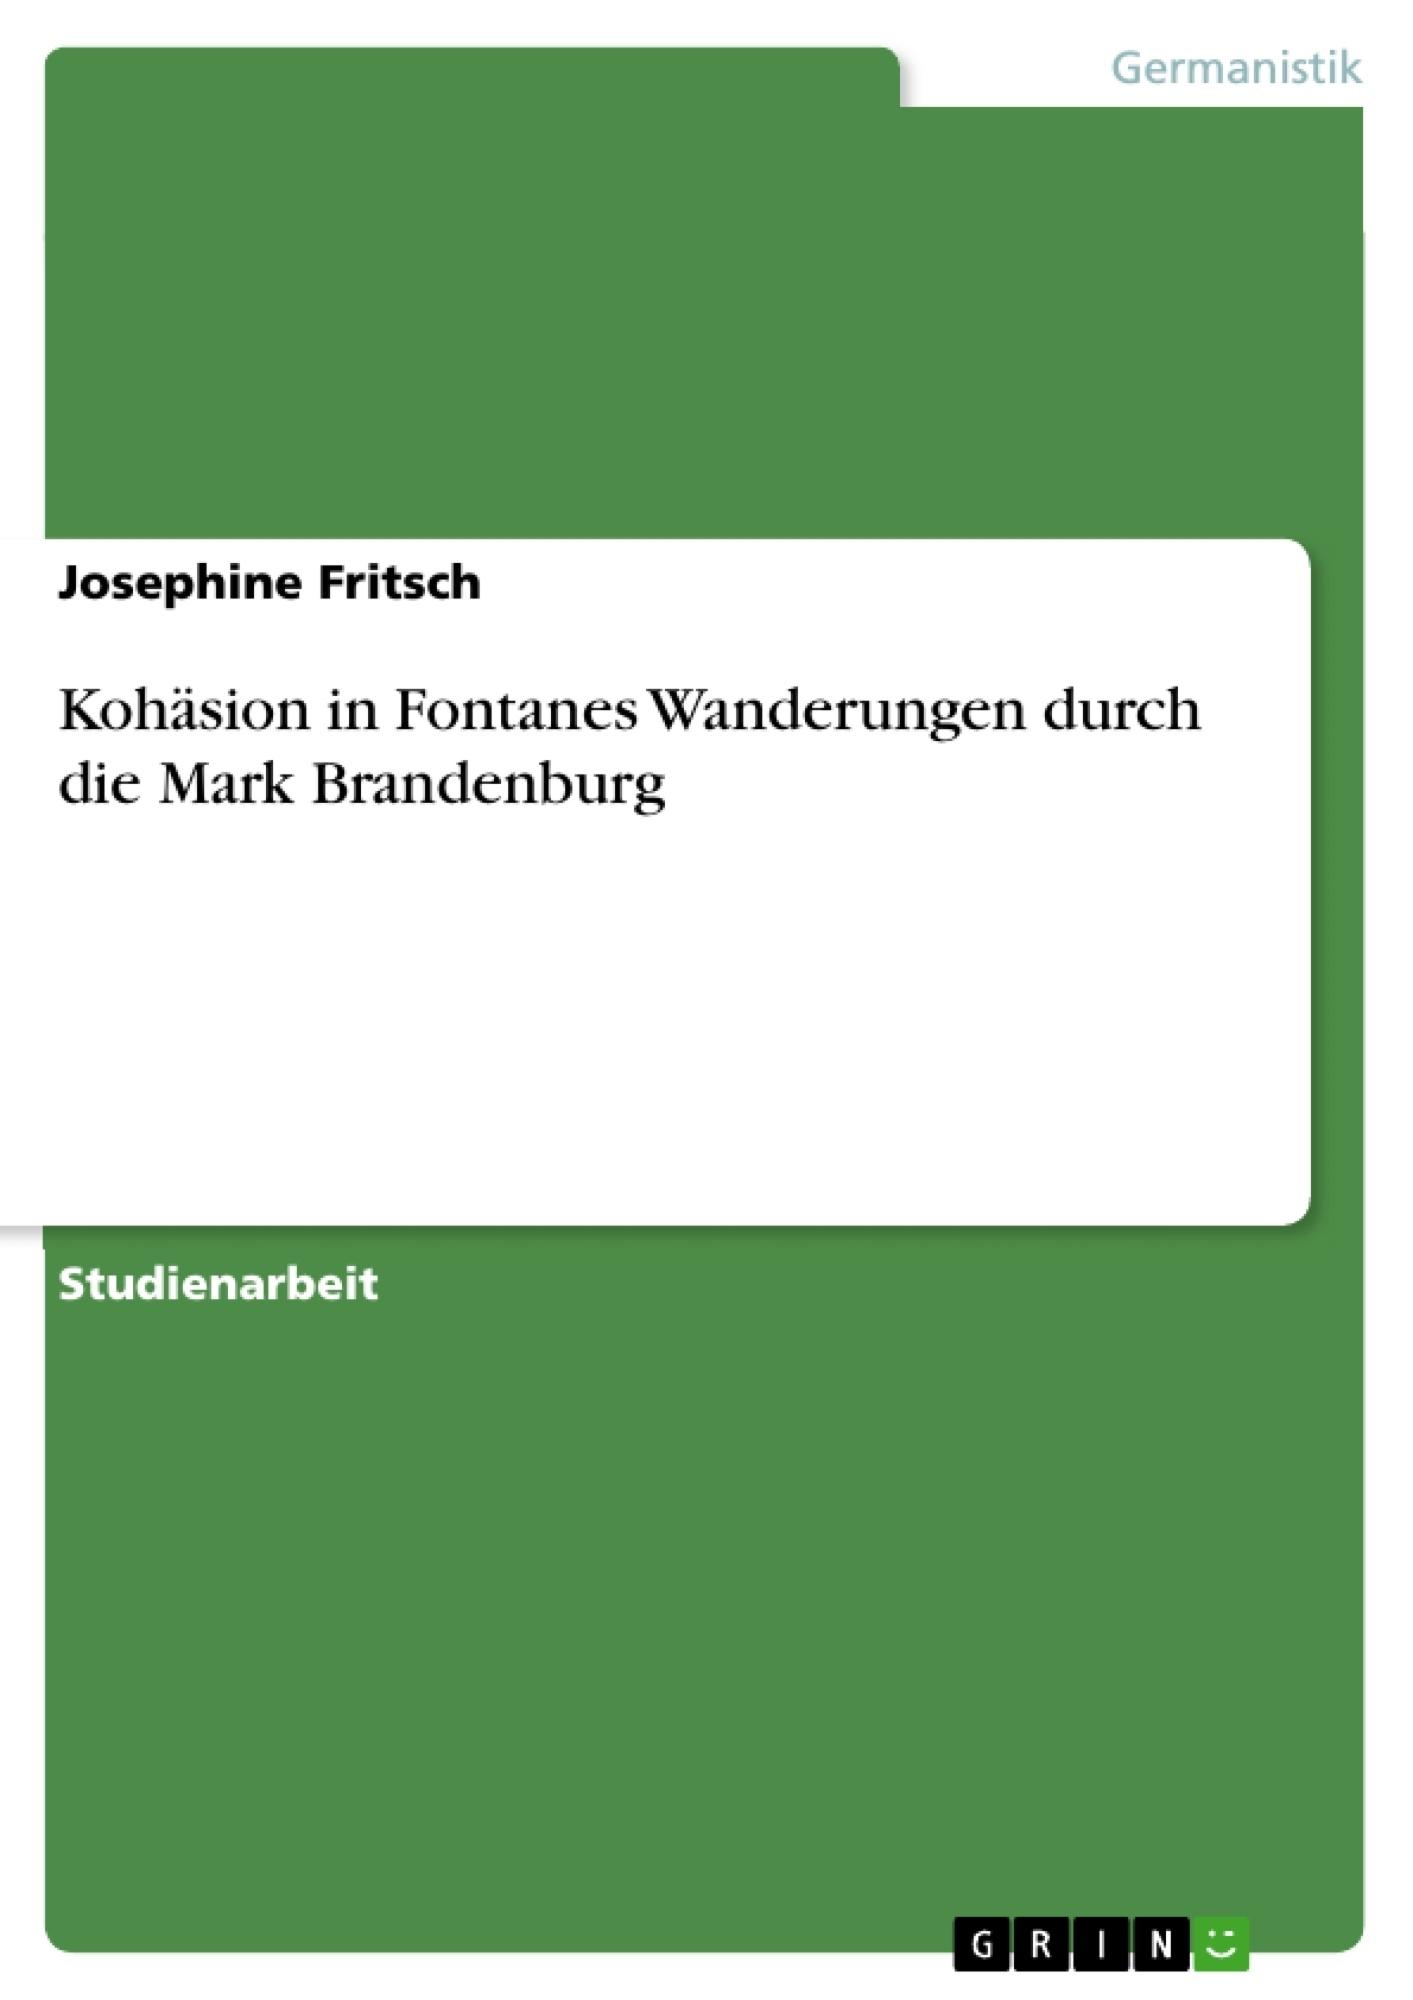 Titel: Kohäsion in Fontanes Wanderungen durch die Mark Brandenburg